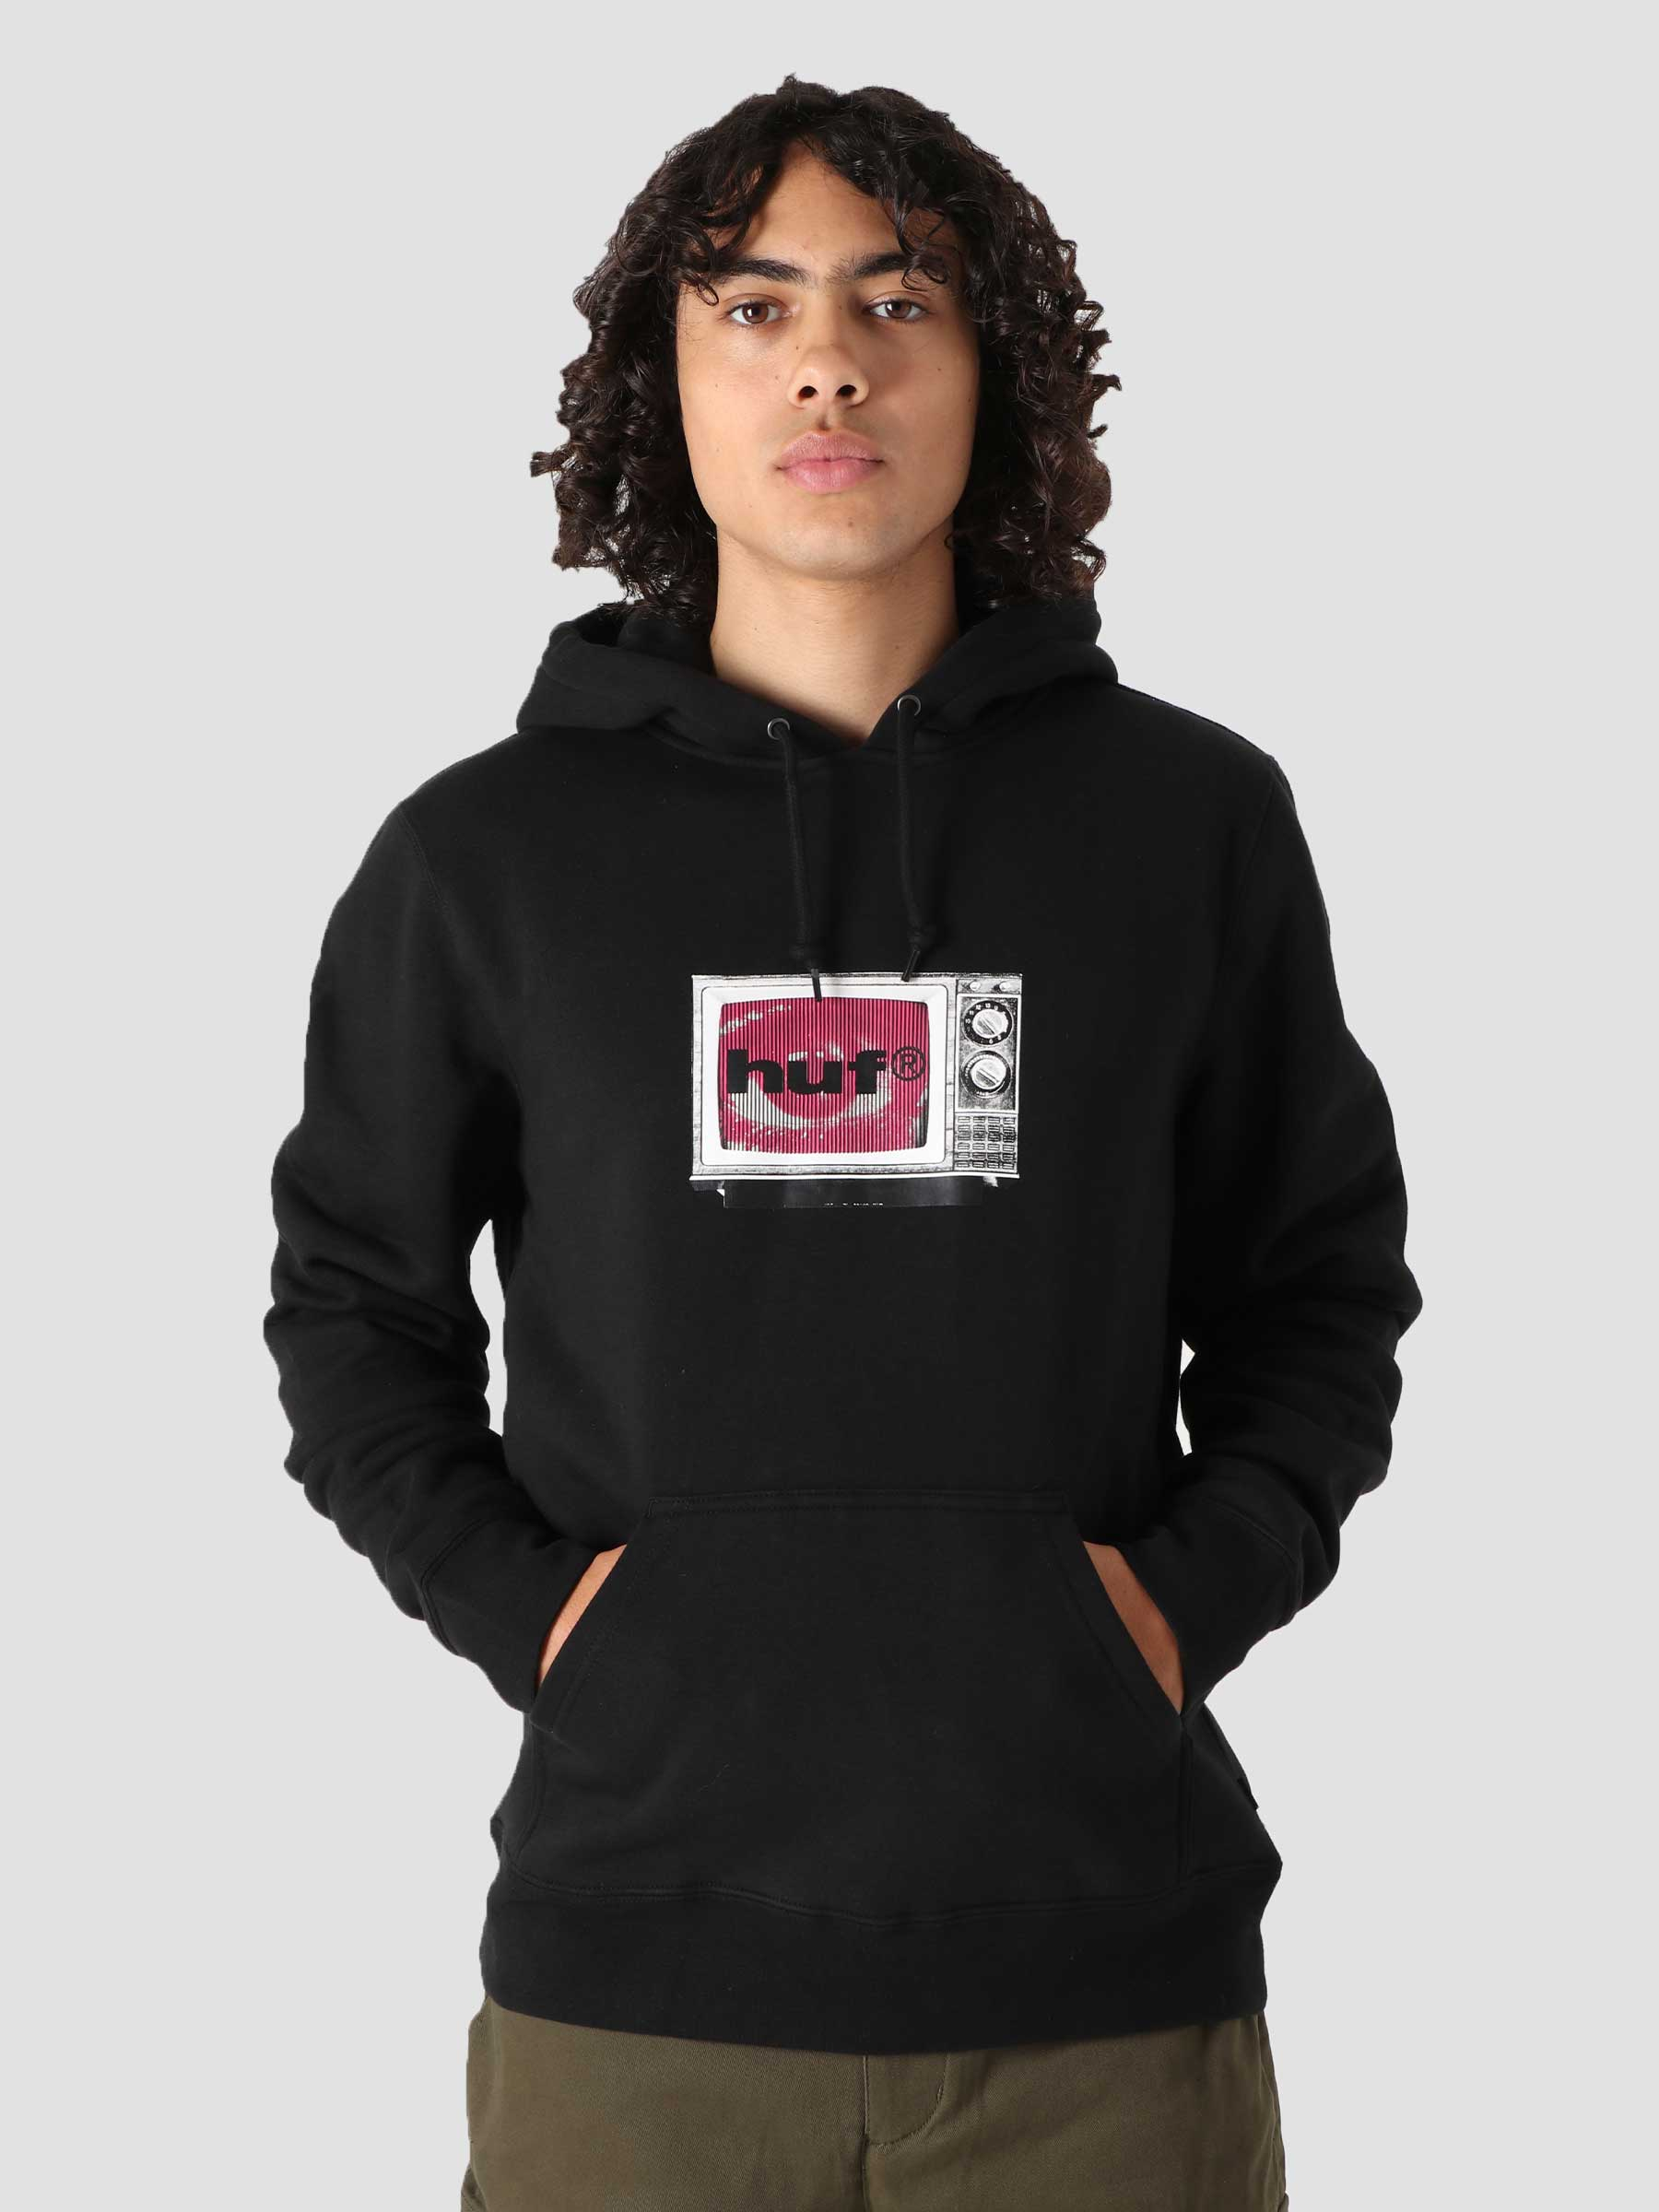 Eye Witness Hoodie Black PF00398-BLACK